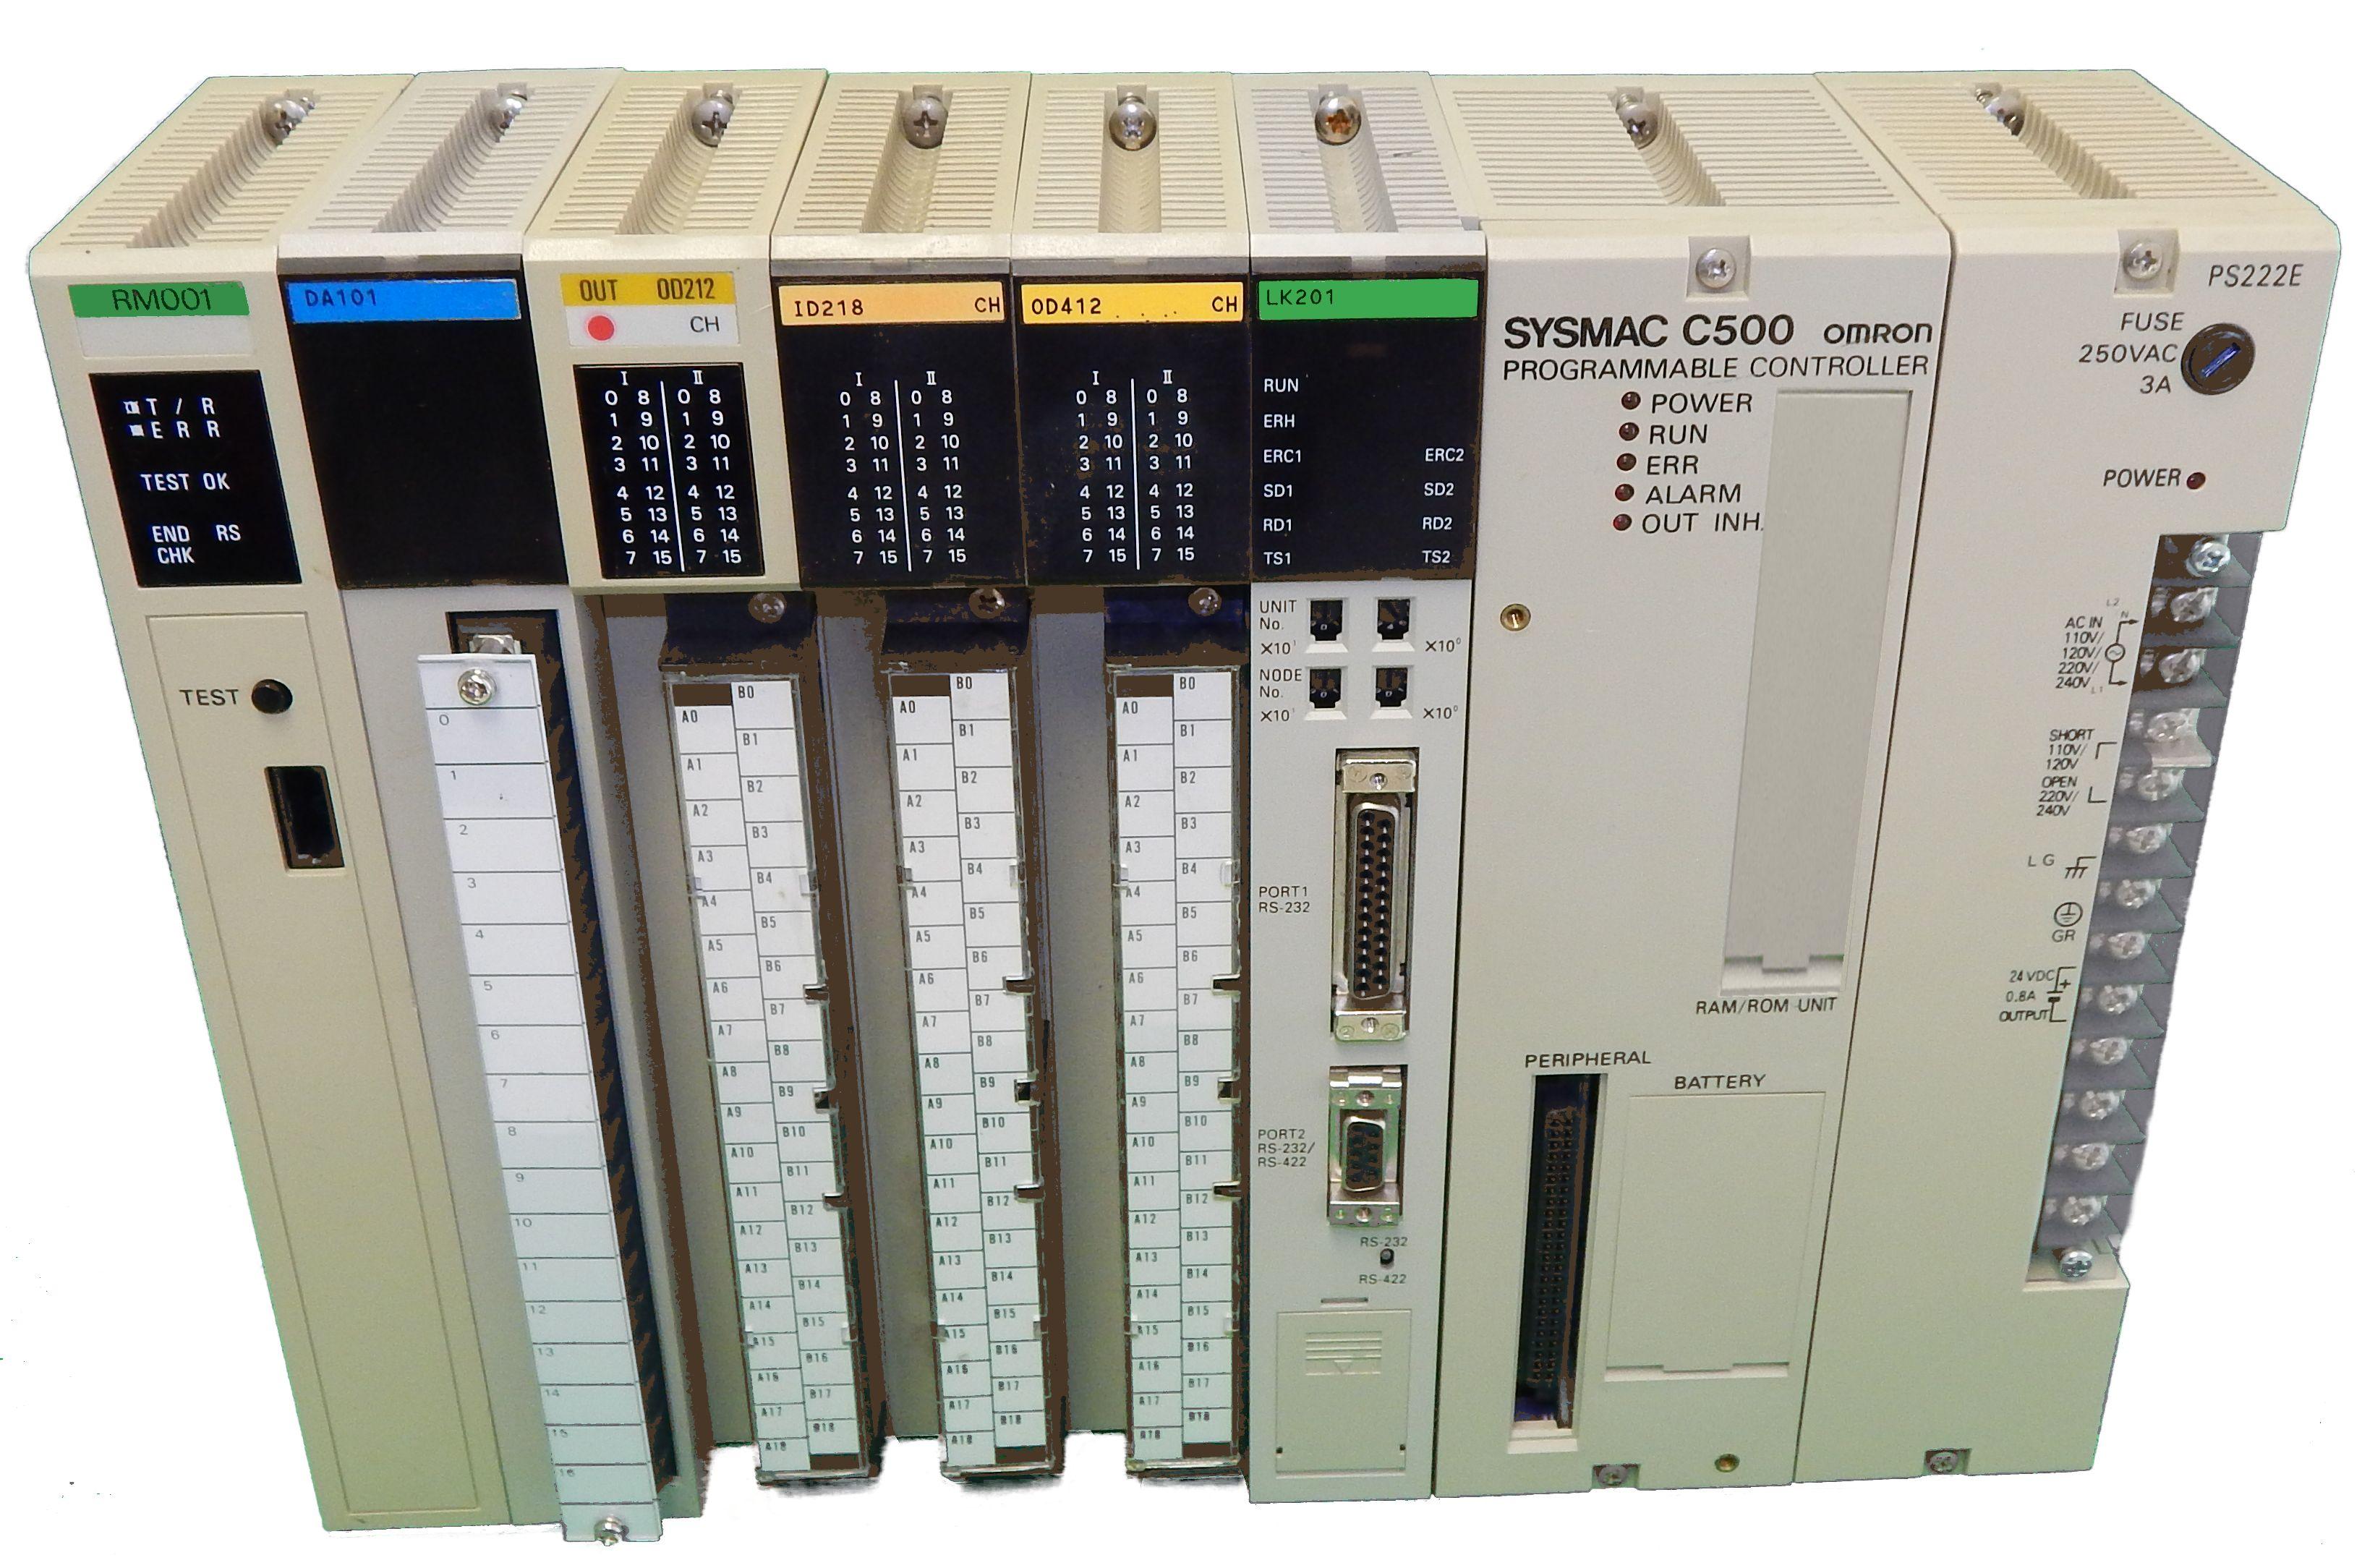 3G2A5-RT002-EV1